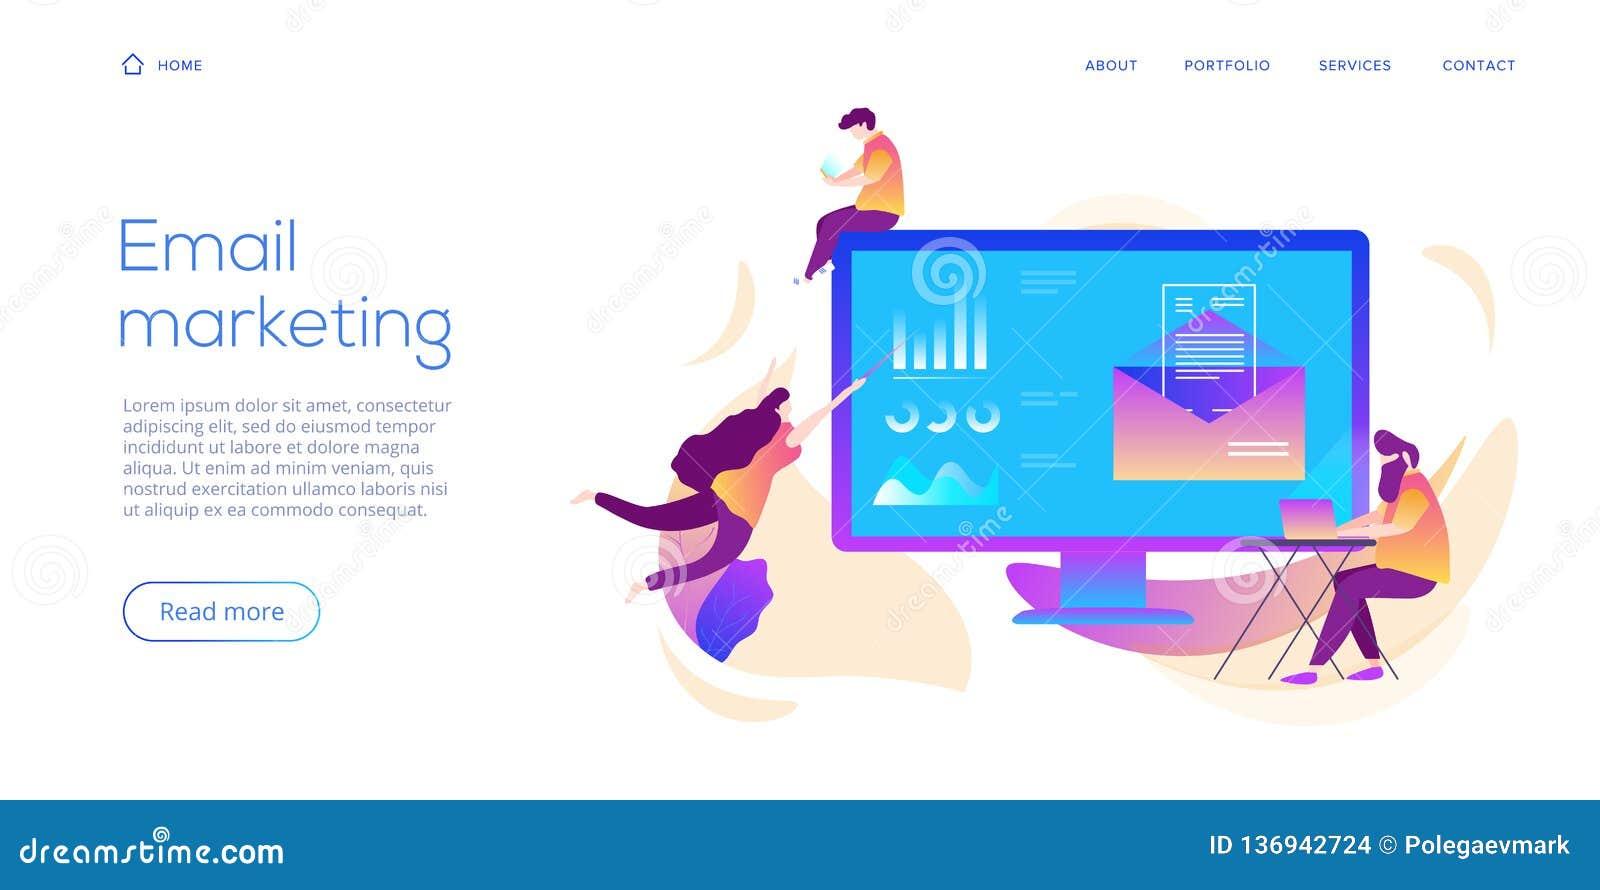 Δημιουργική επίπεδη διανυσματική απεικόνιση υπηρεσίας αποστολής ηλεκτρονικών μηνυμάτων Έννοια μηνυμάτων ηλεκτρονικού ταχυδρομείου